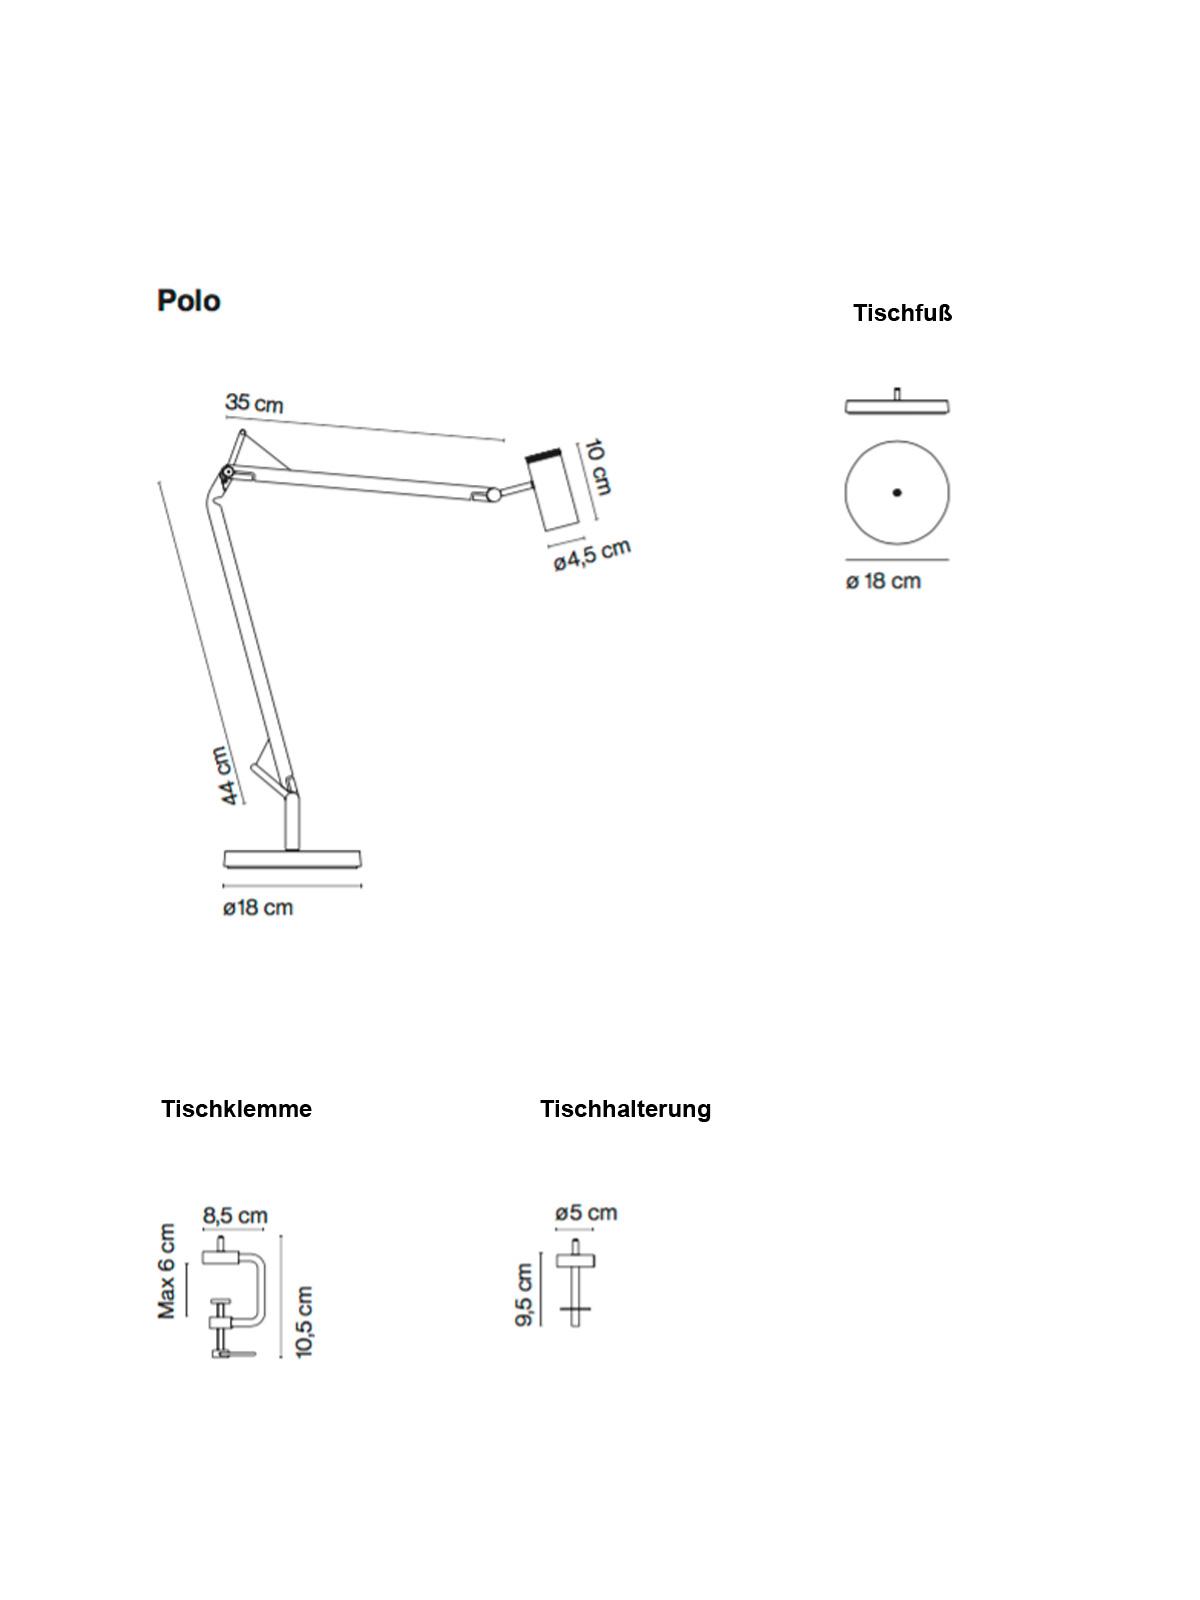 Polo Maße und Zubehörvarianten (Klemme, Halterung, Fuß)